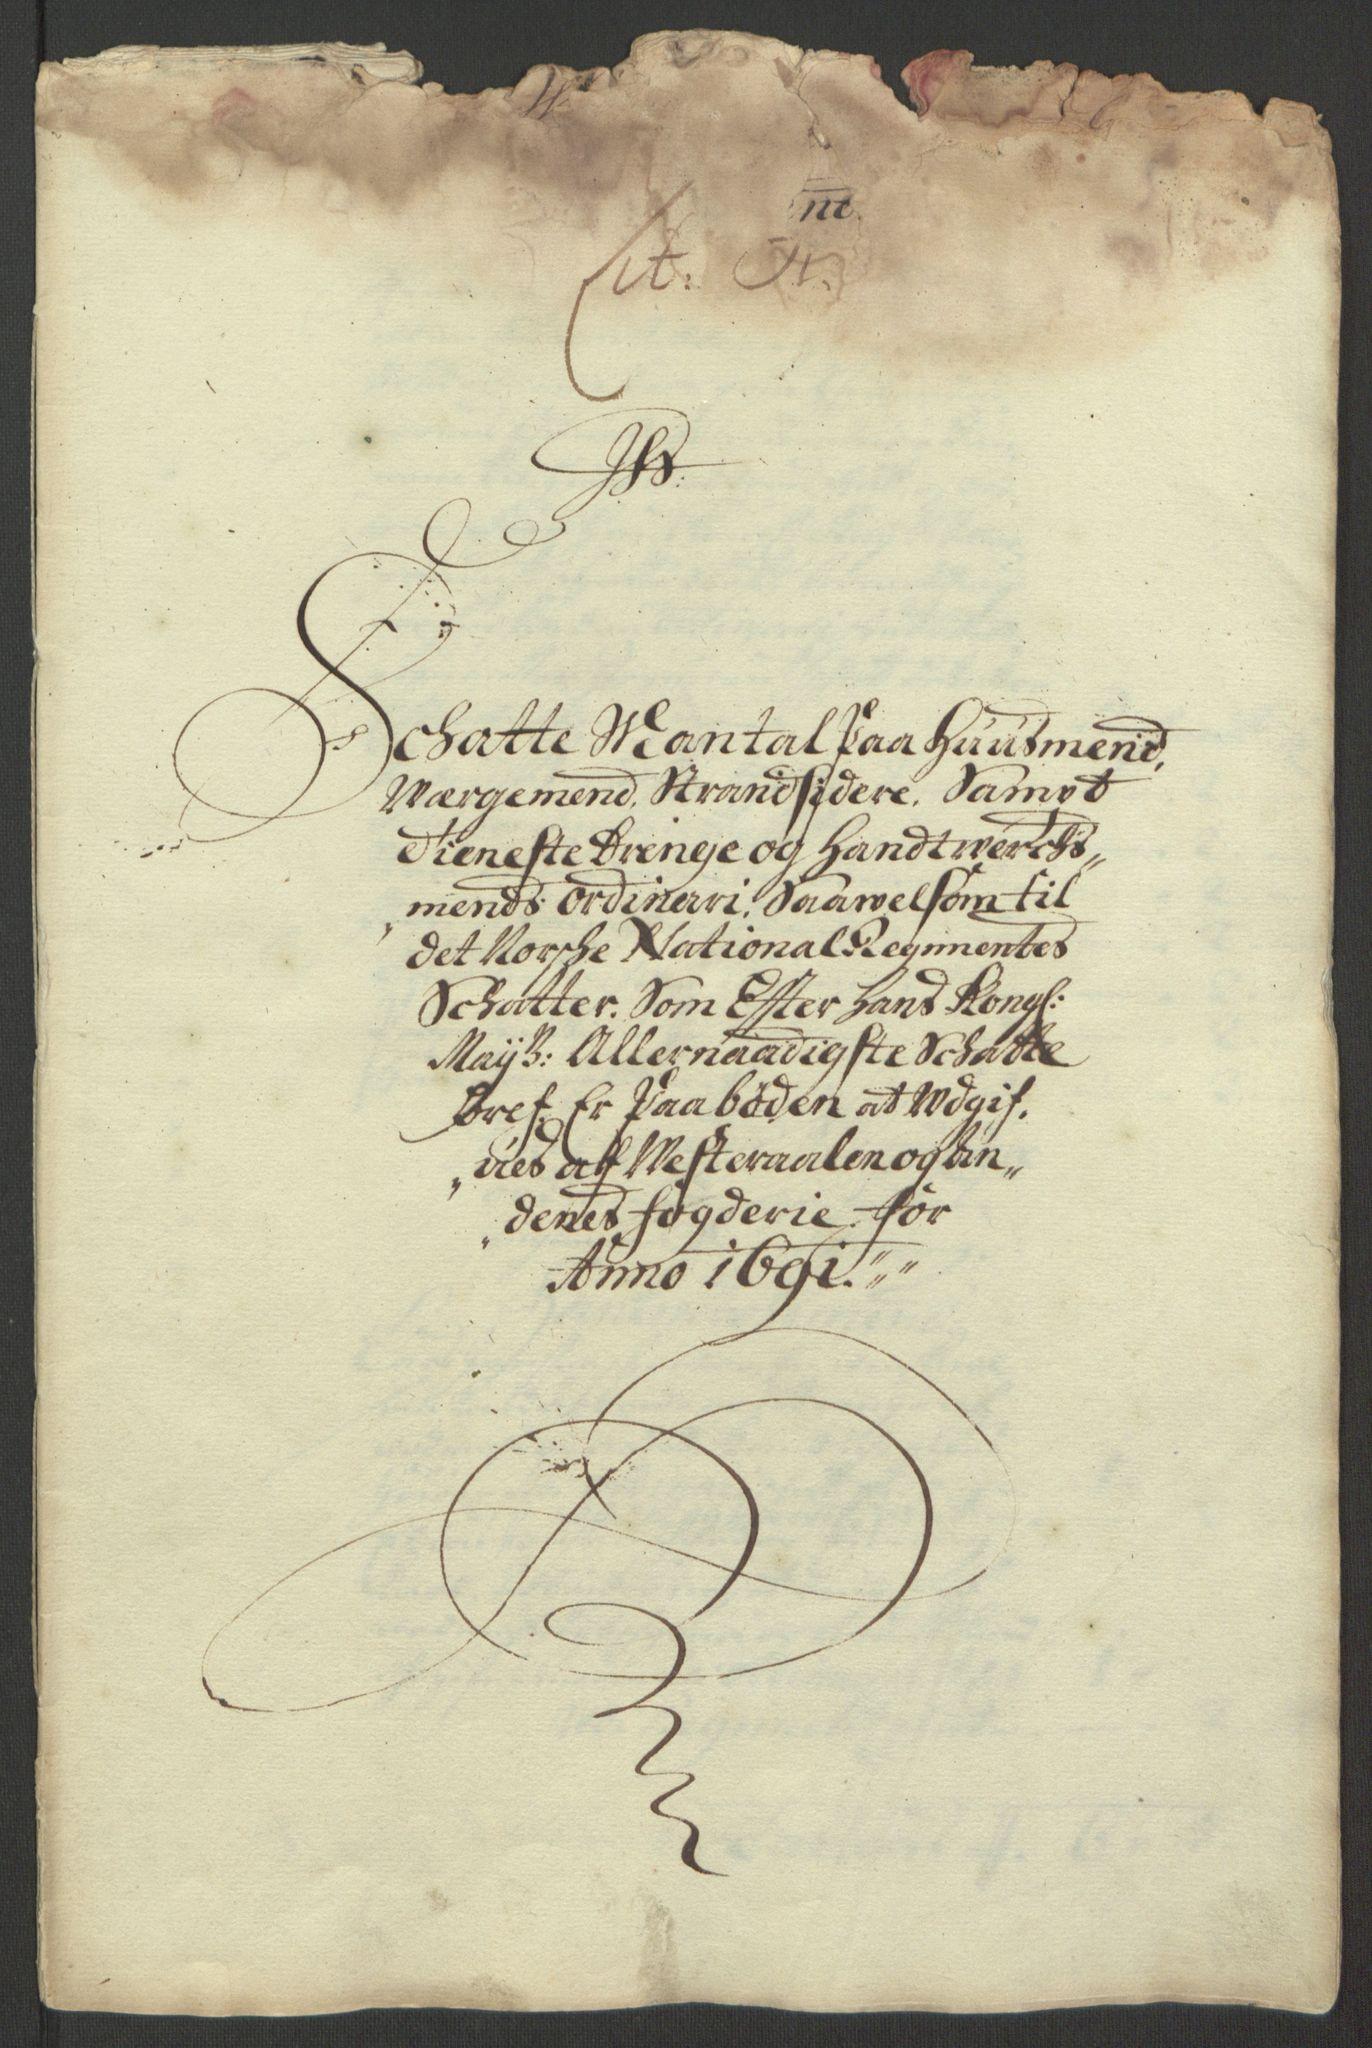 RA, Rentekammeret inntil 1814, Reviderte regnskaper, Fogderegnskap, R67/L4676: Fogderegnskap Vesterålen, Andenes og Lofoten, 1691-1693, s. 8